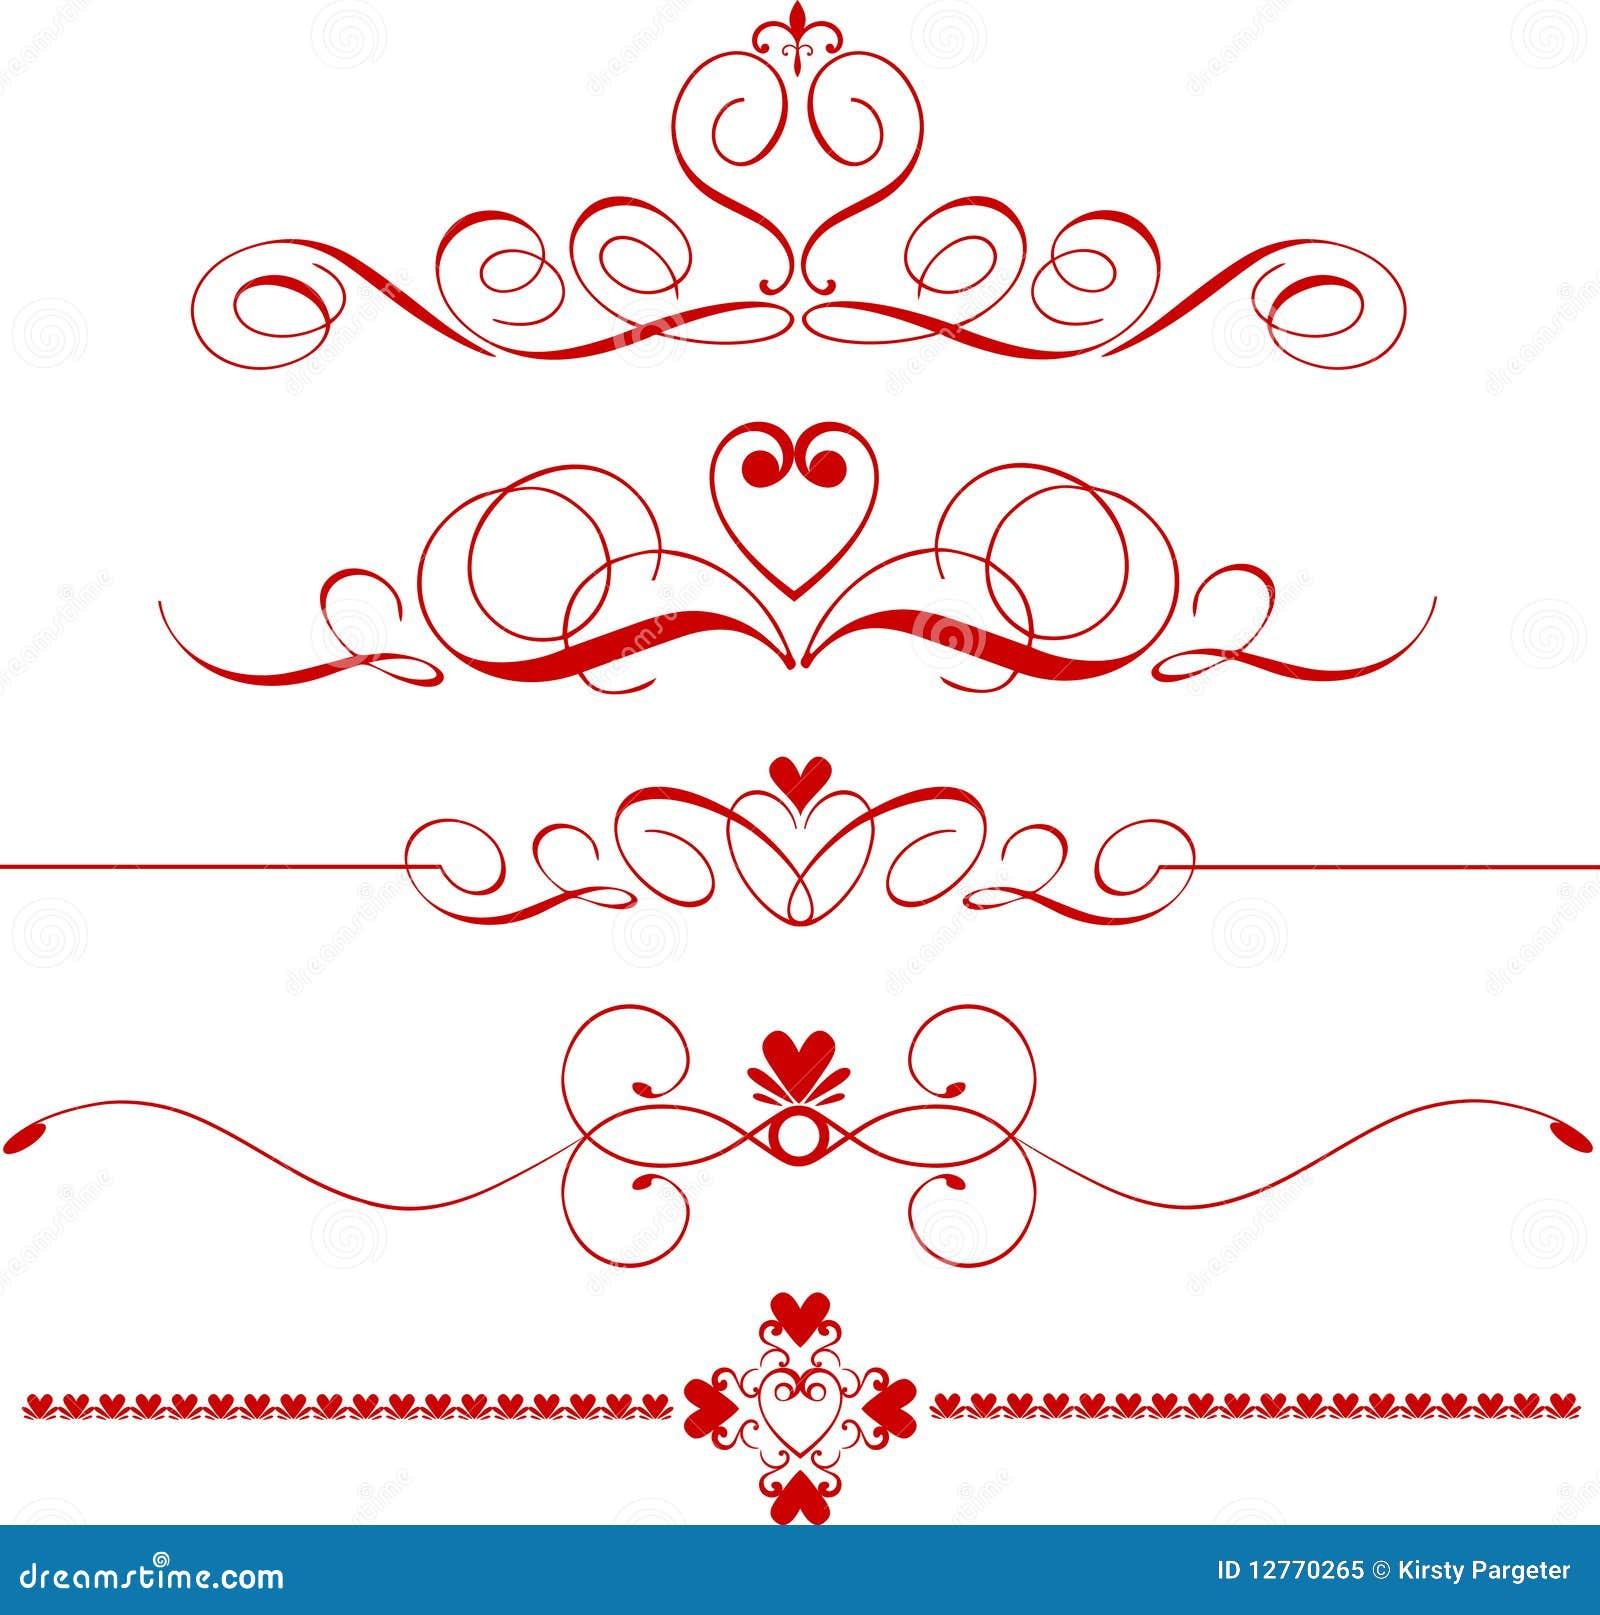 Heart Divider Clip Art